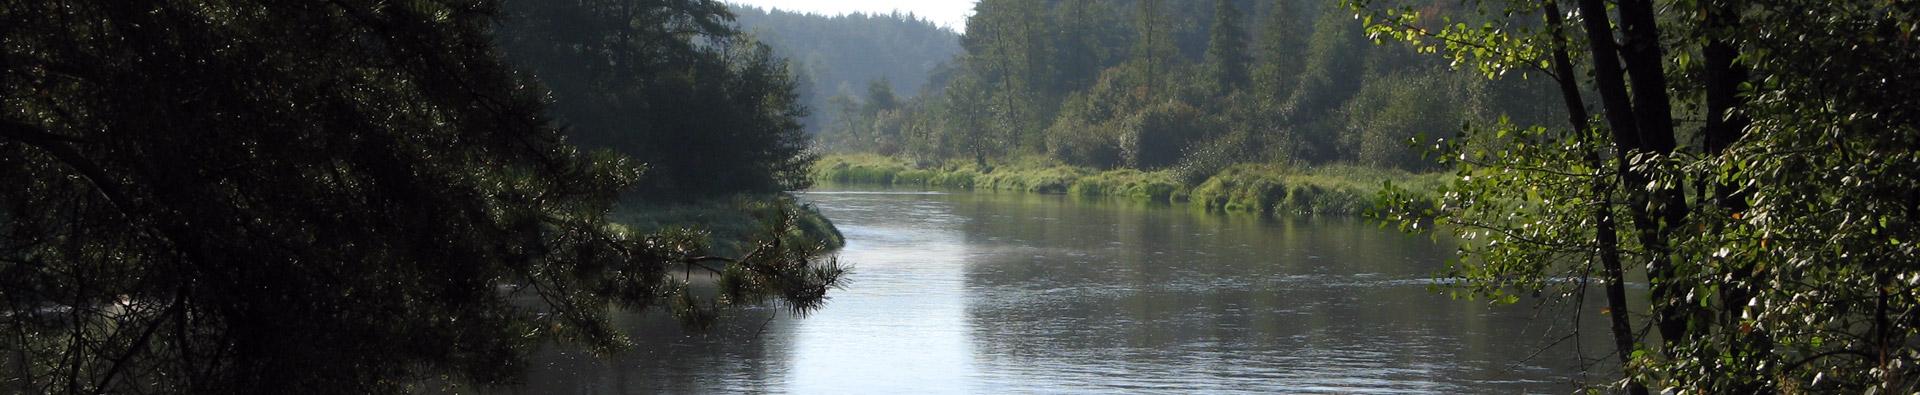 Piękna dolina rzeki Pilicy